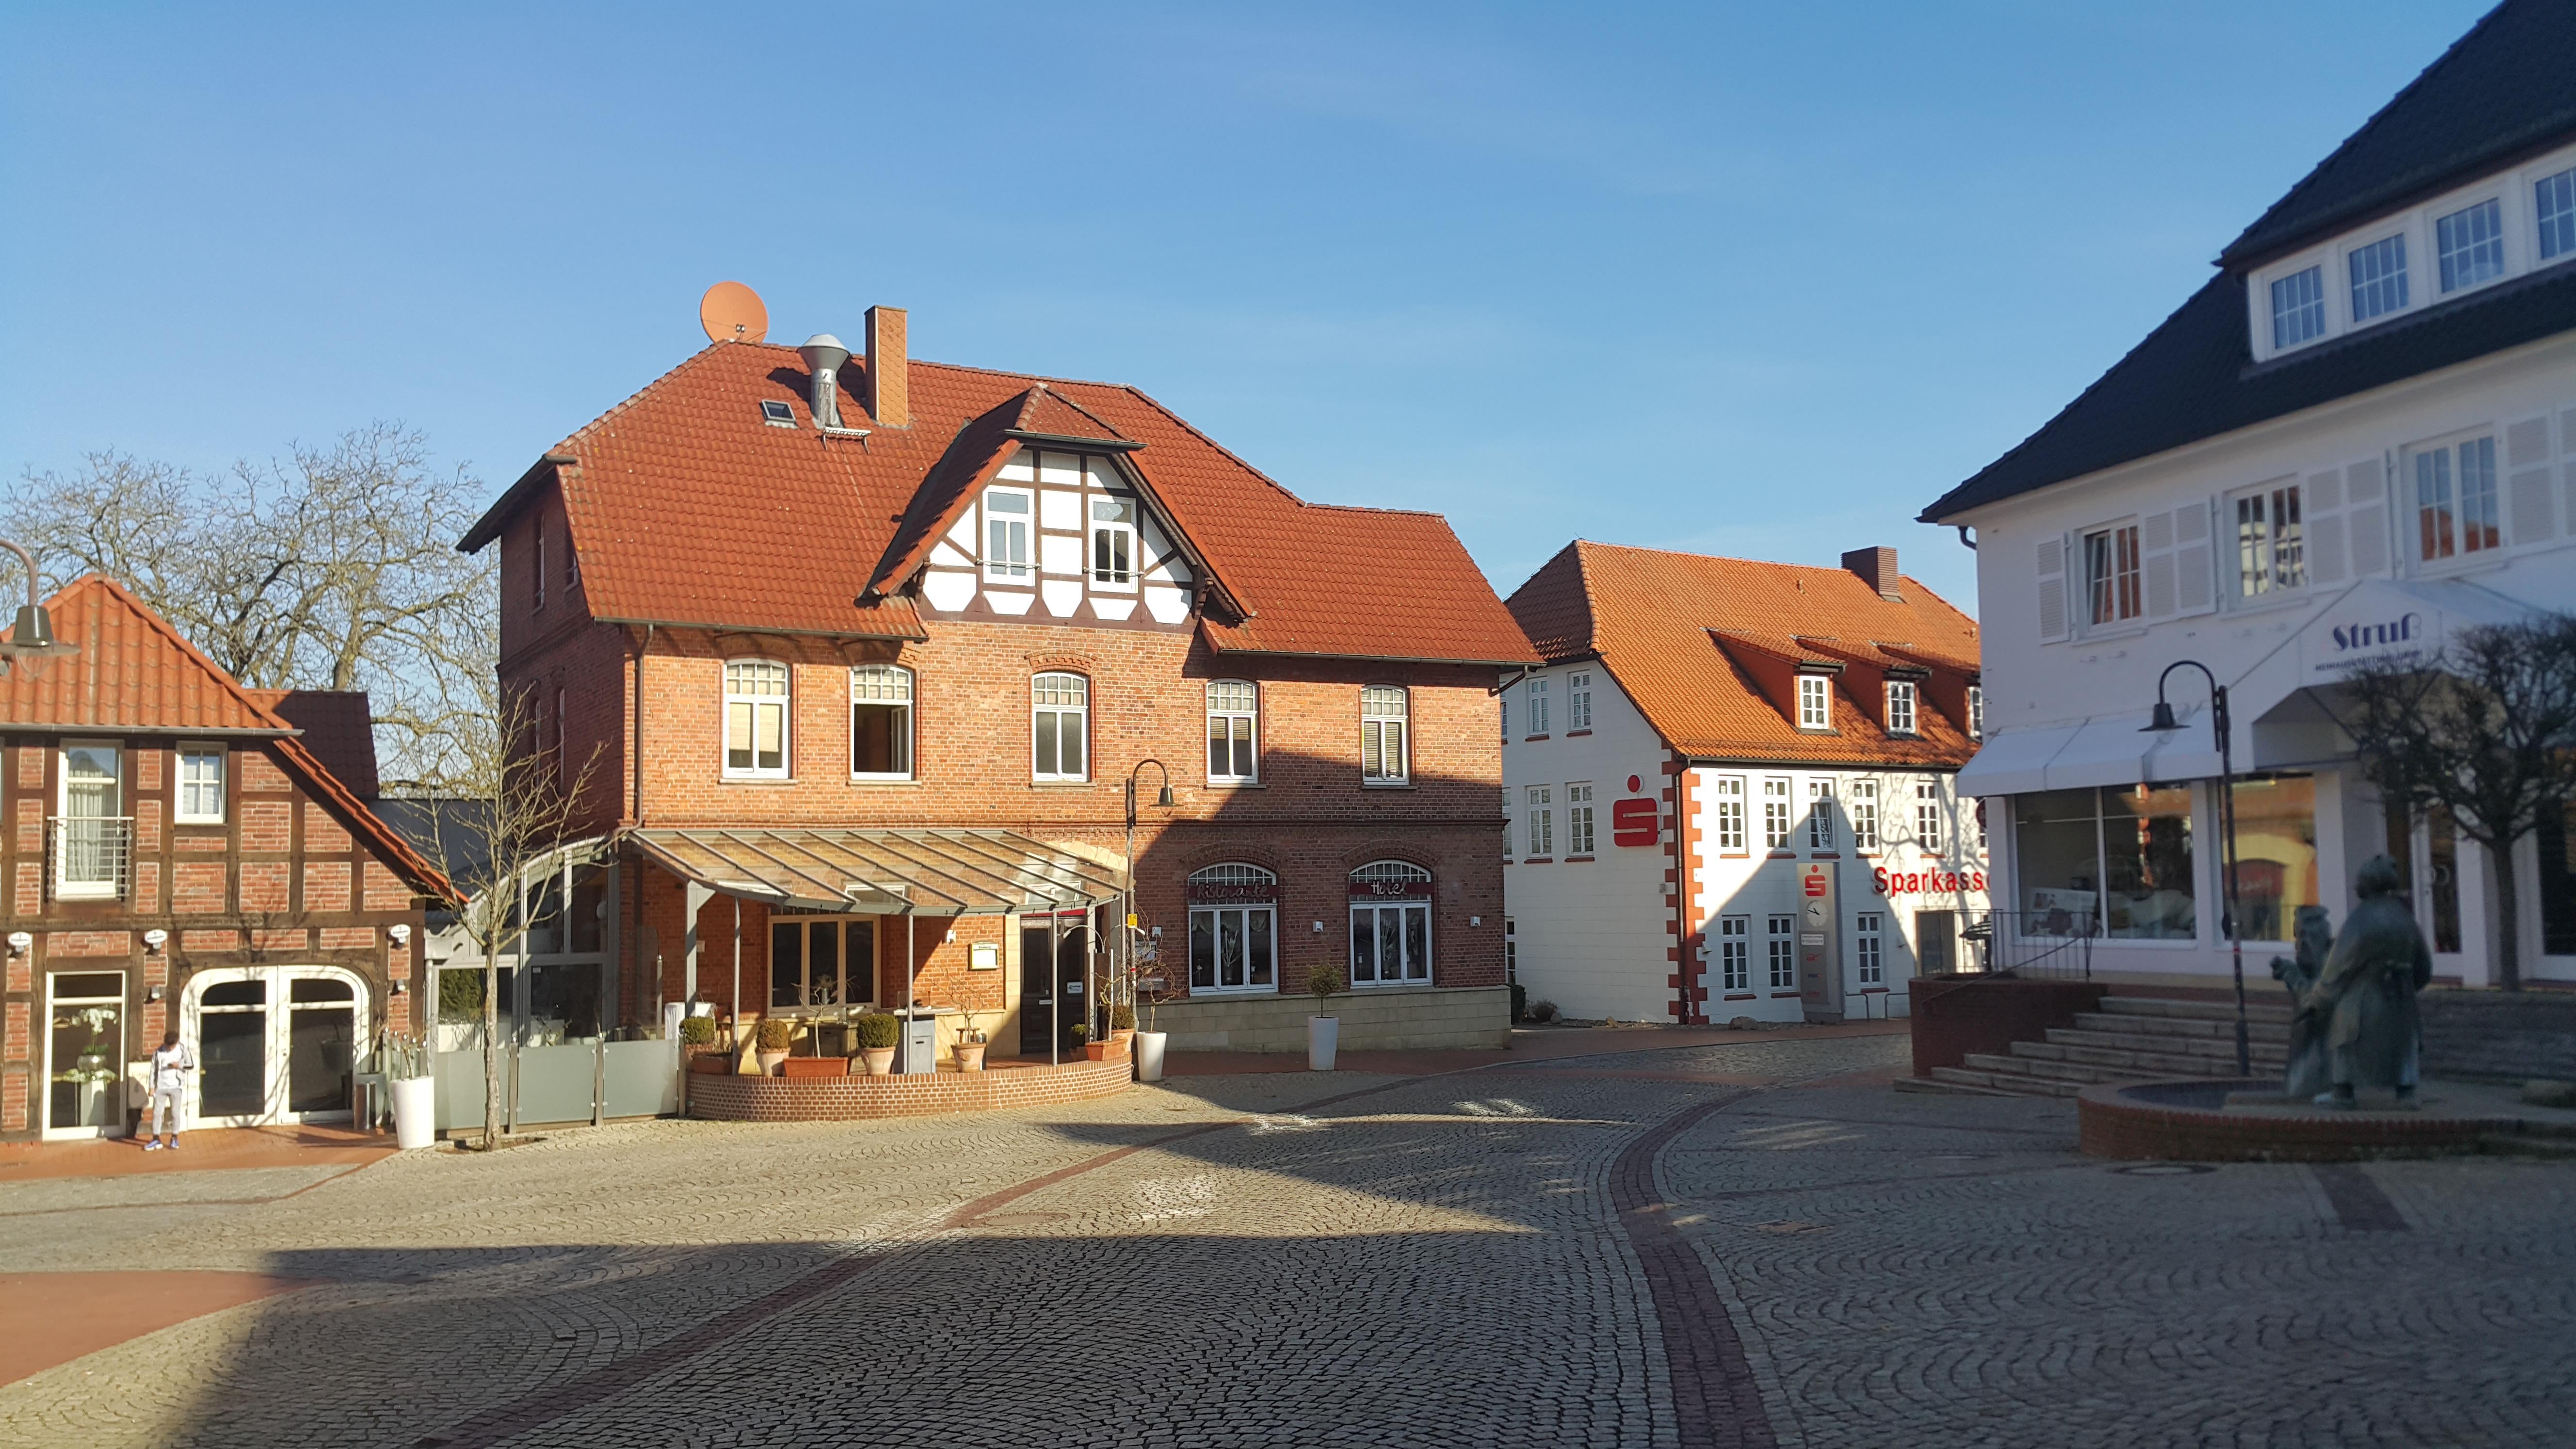 Engelbergplatz